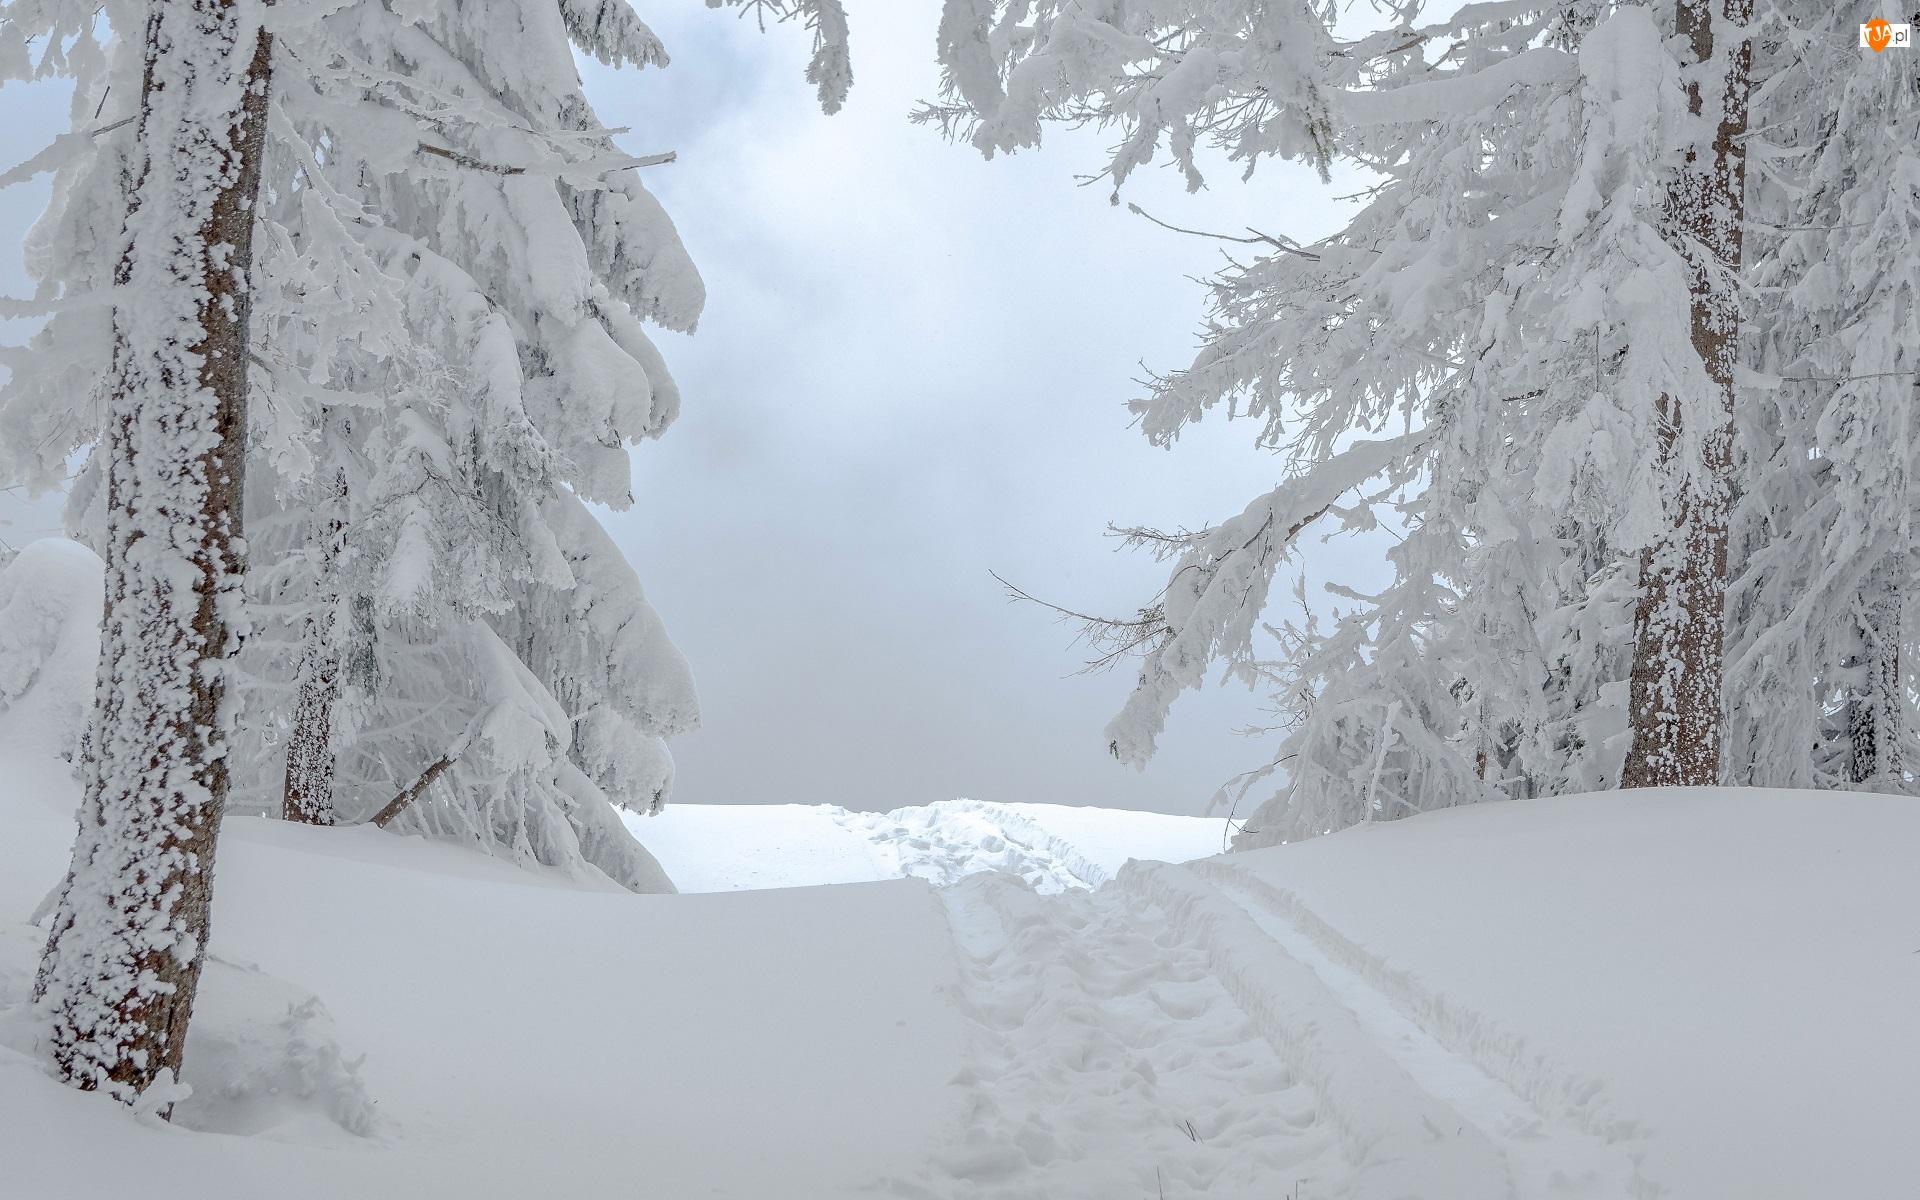 Drzewa, Ścieżka, Ośnieżone, Zima, Koleiny